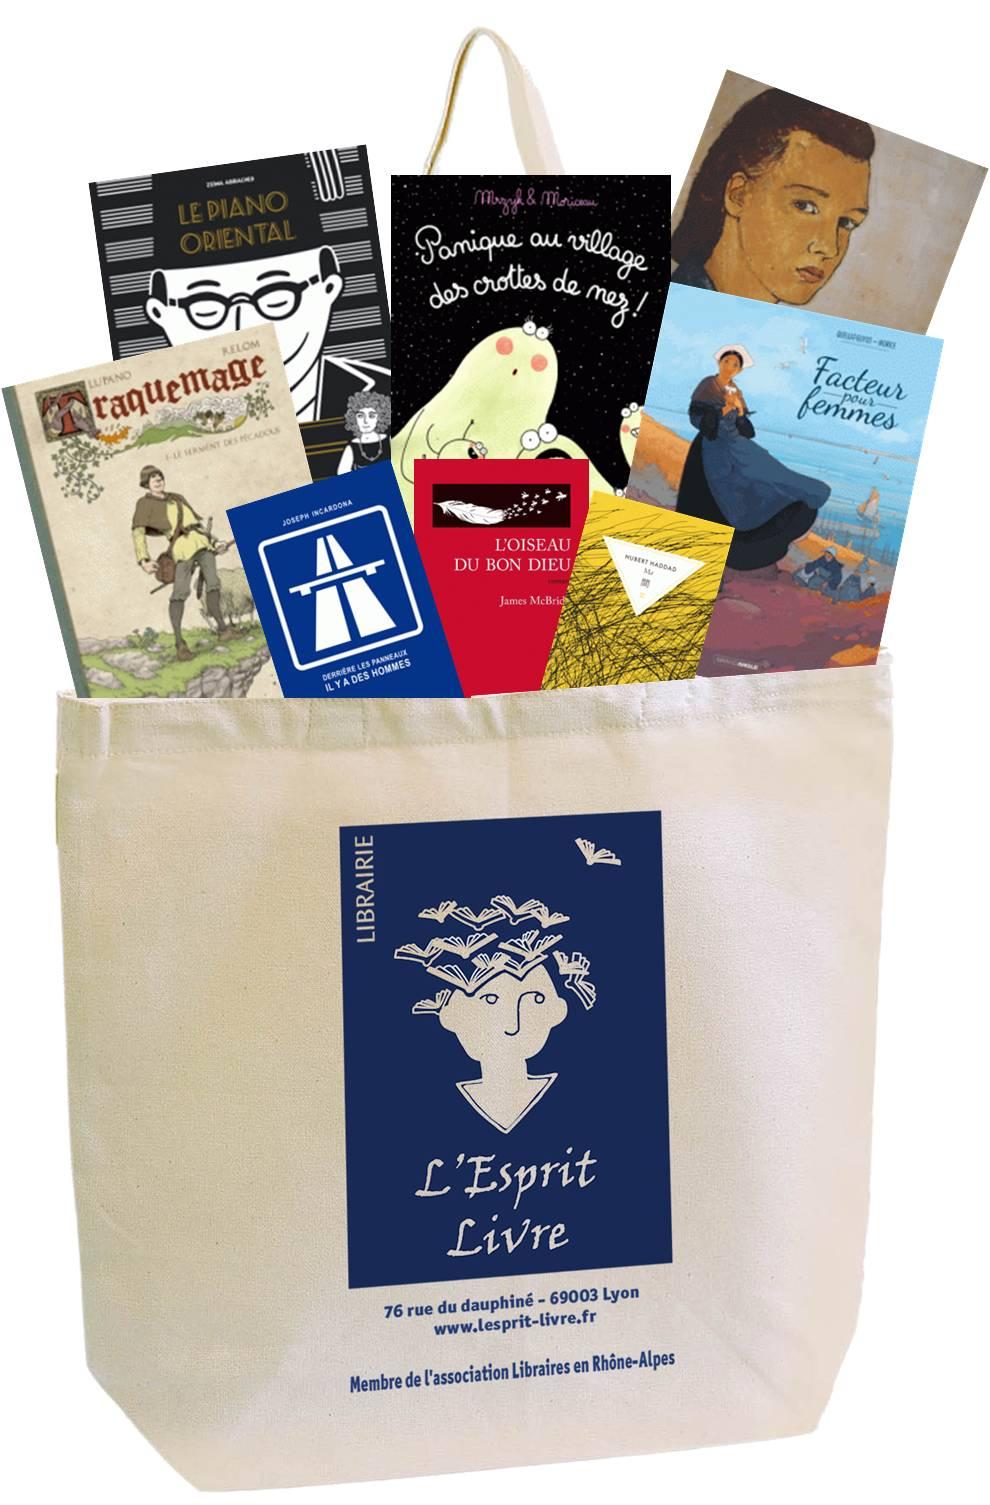 Le sac de la librairie L'Esprit Livre